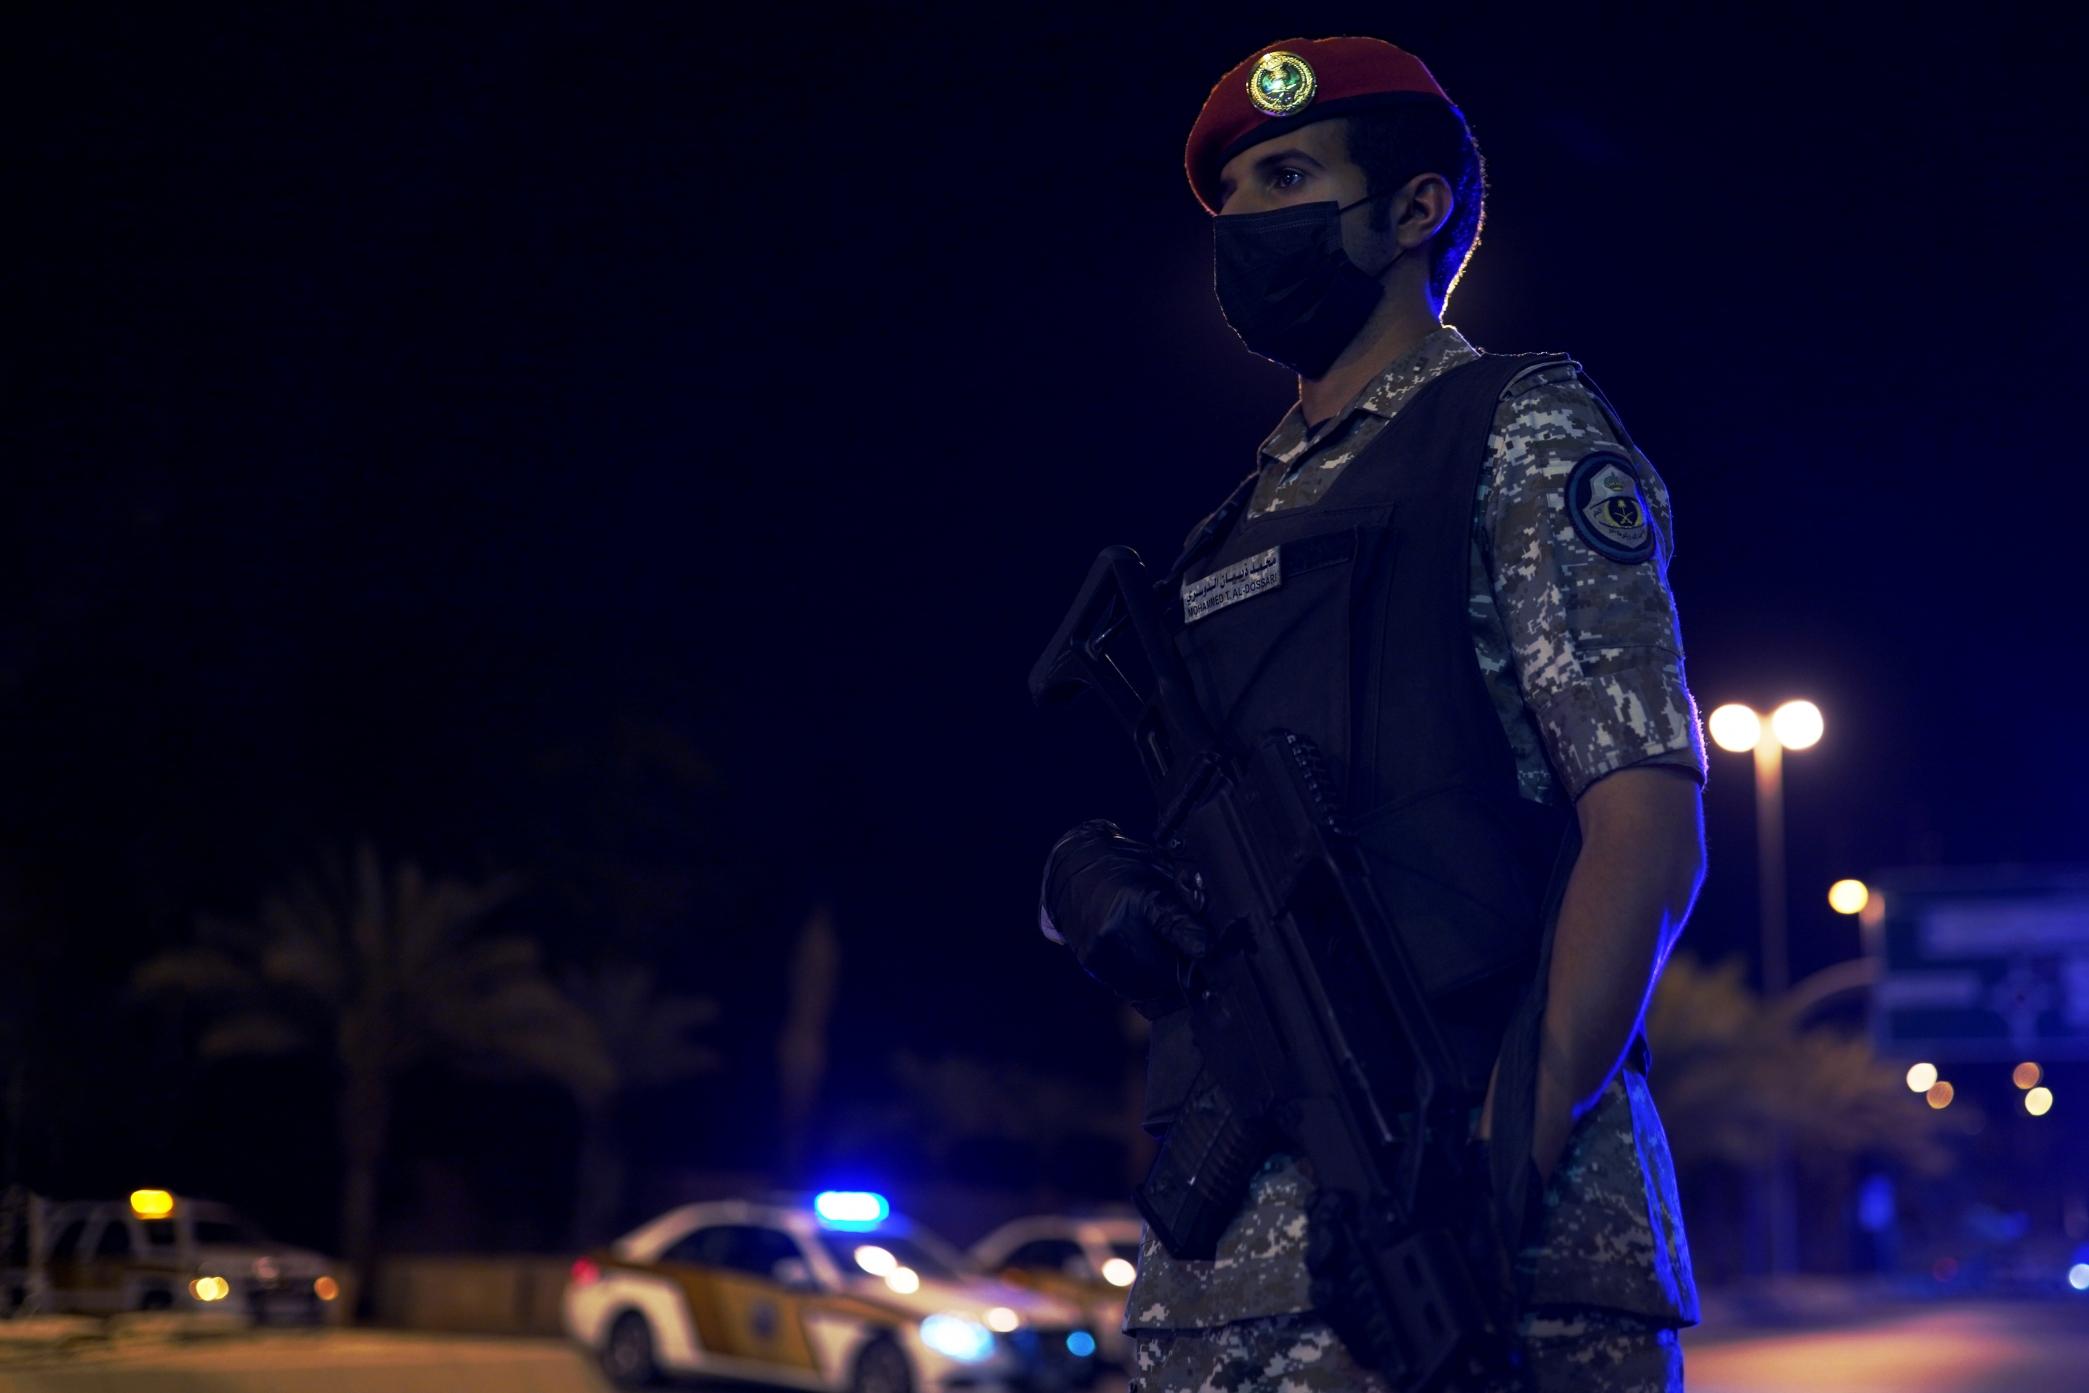 صور رجال الامن في السعودية كل القطاعات 18 scaled